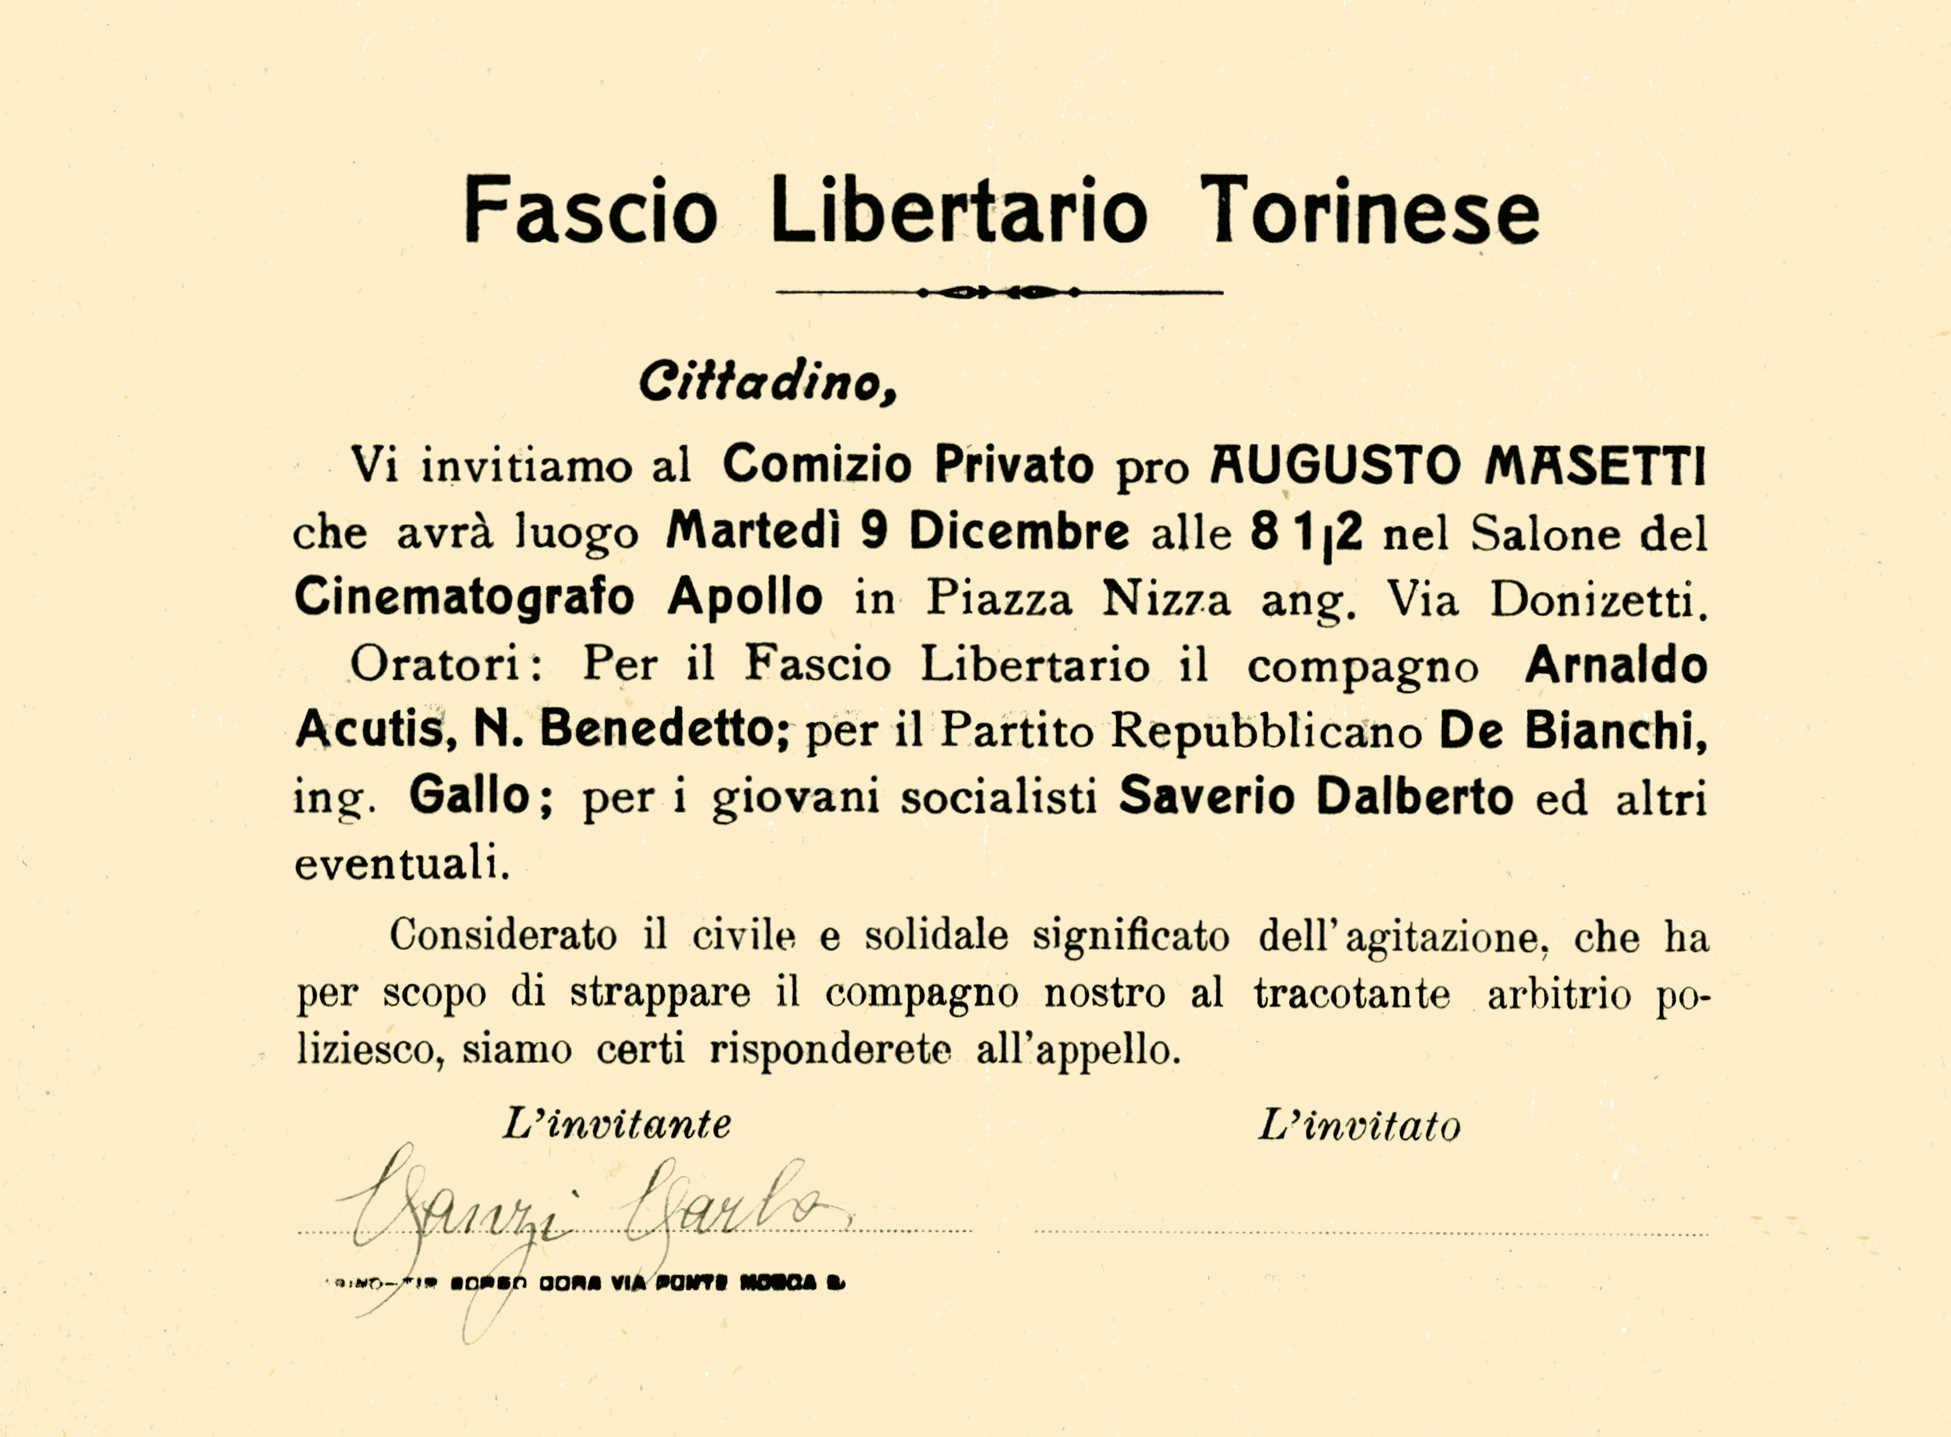 Invitació a l'acte signada per Carlo Canzi